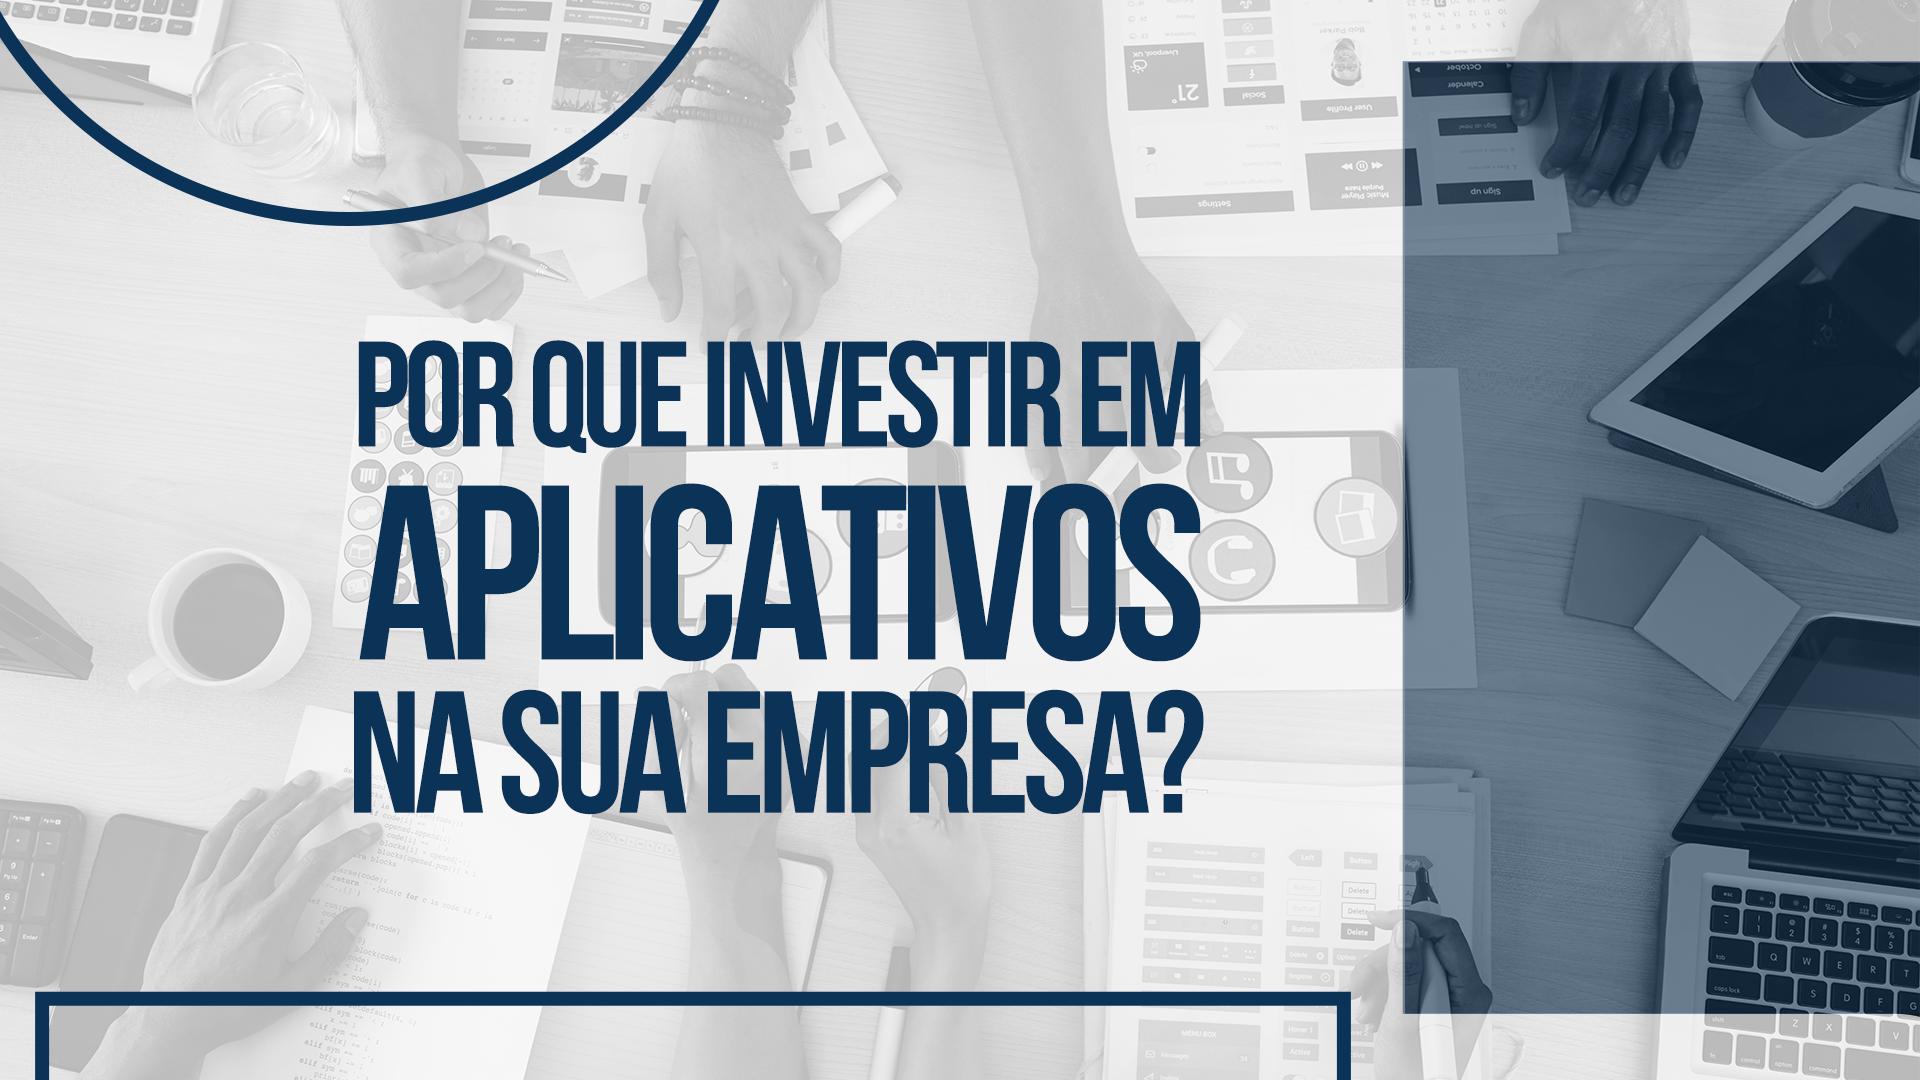 Por que investir em aplicativos na sua empresa?